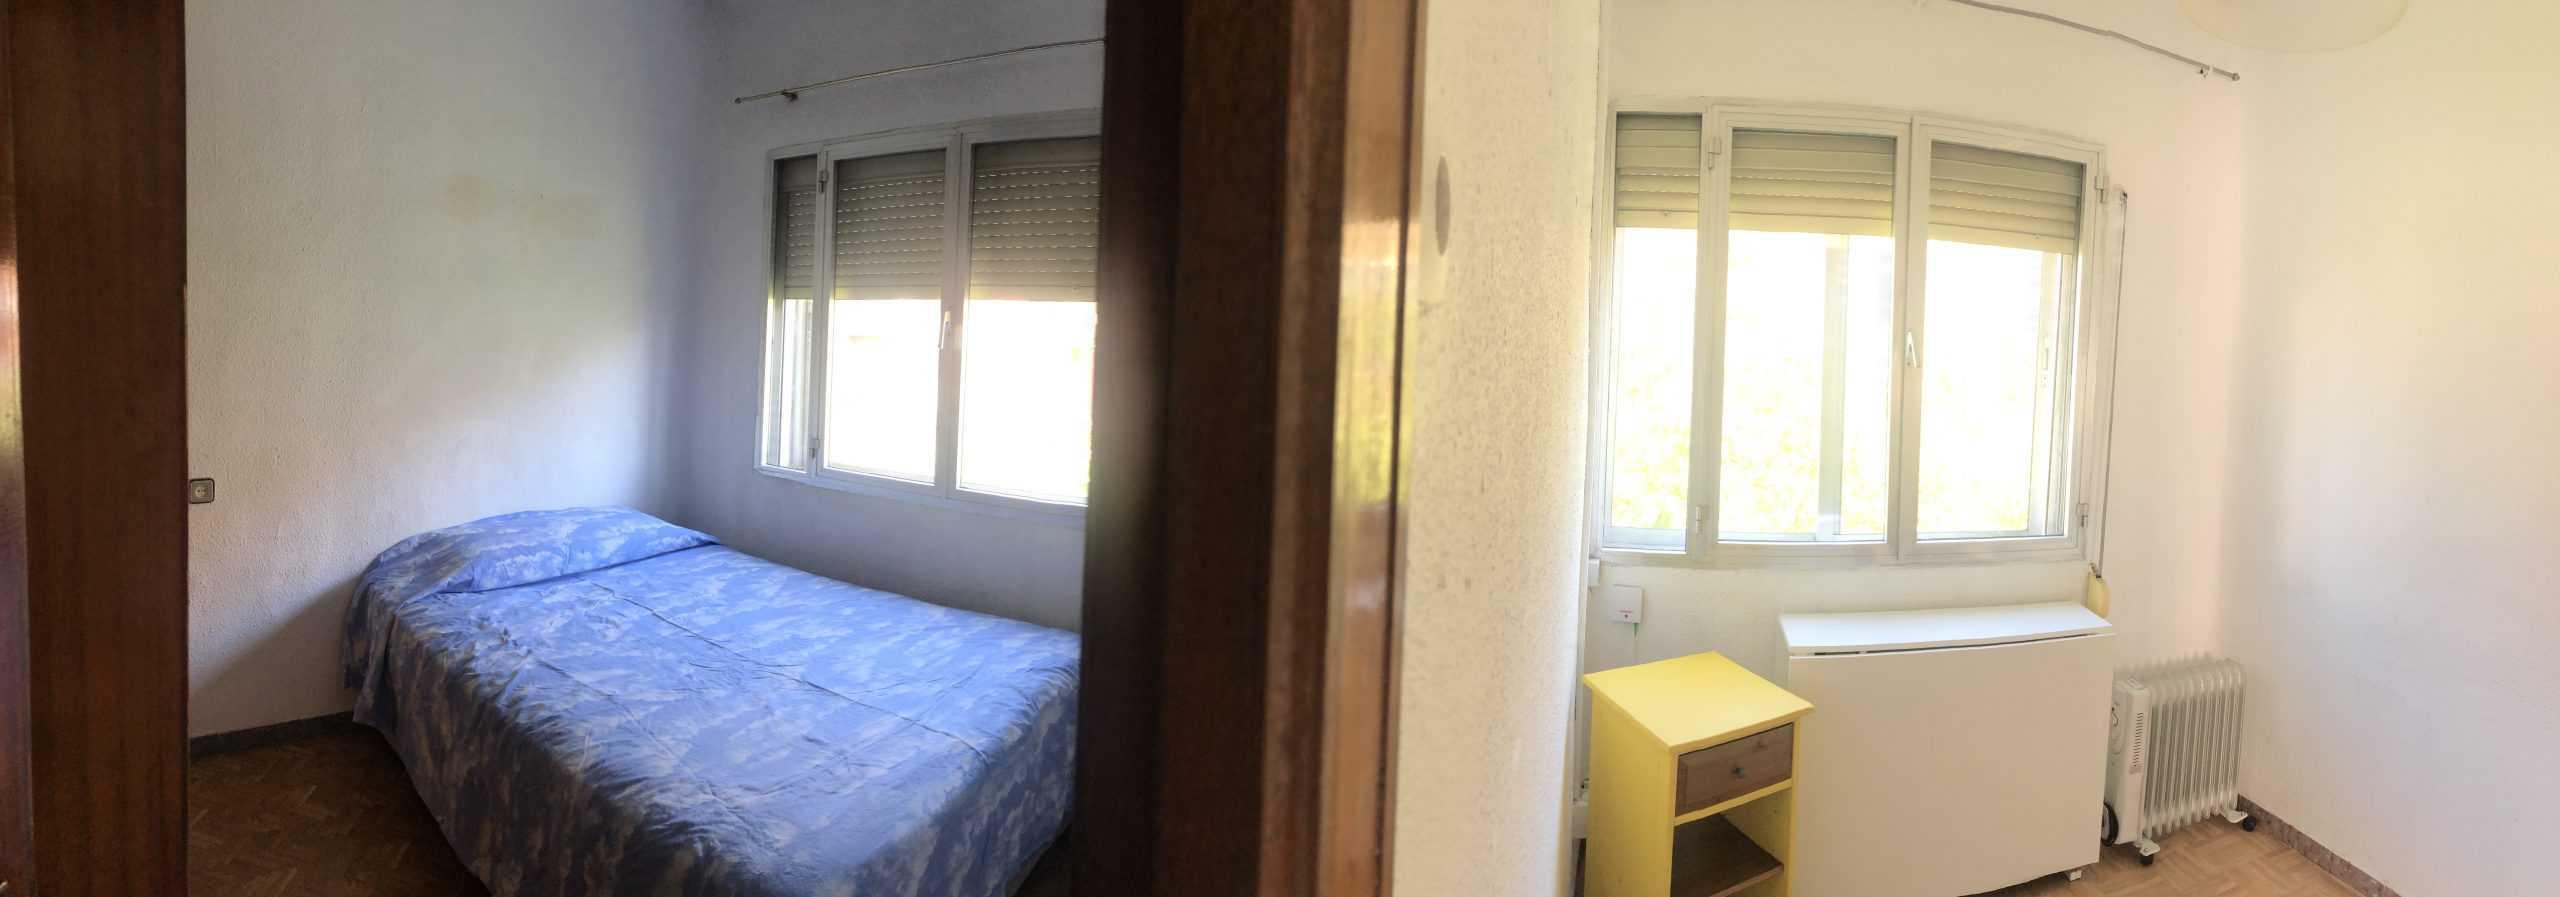 Agencia Inmobiliaria de Madrid-FUTUROCASA-Zona ARGANZUELA-EMBAJADORES-LEGAZPI -calle Embajadores- dormitorio 6